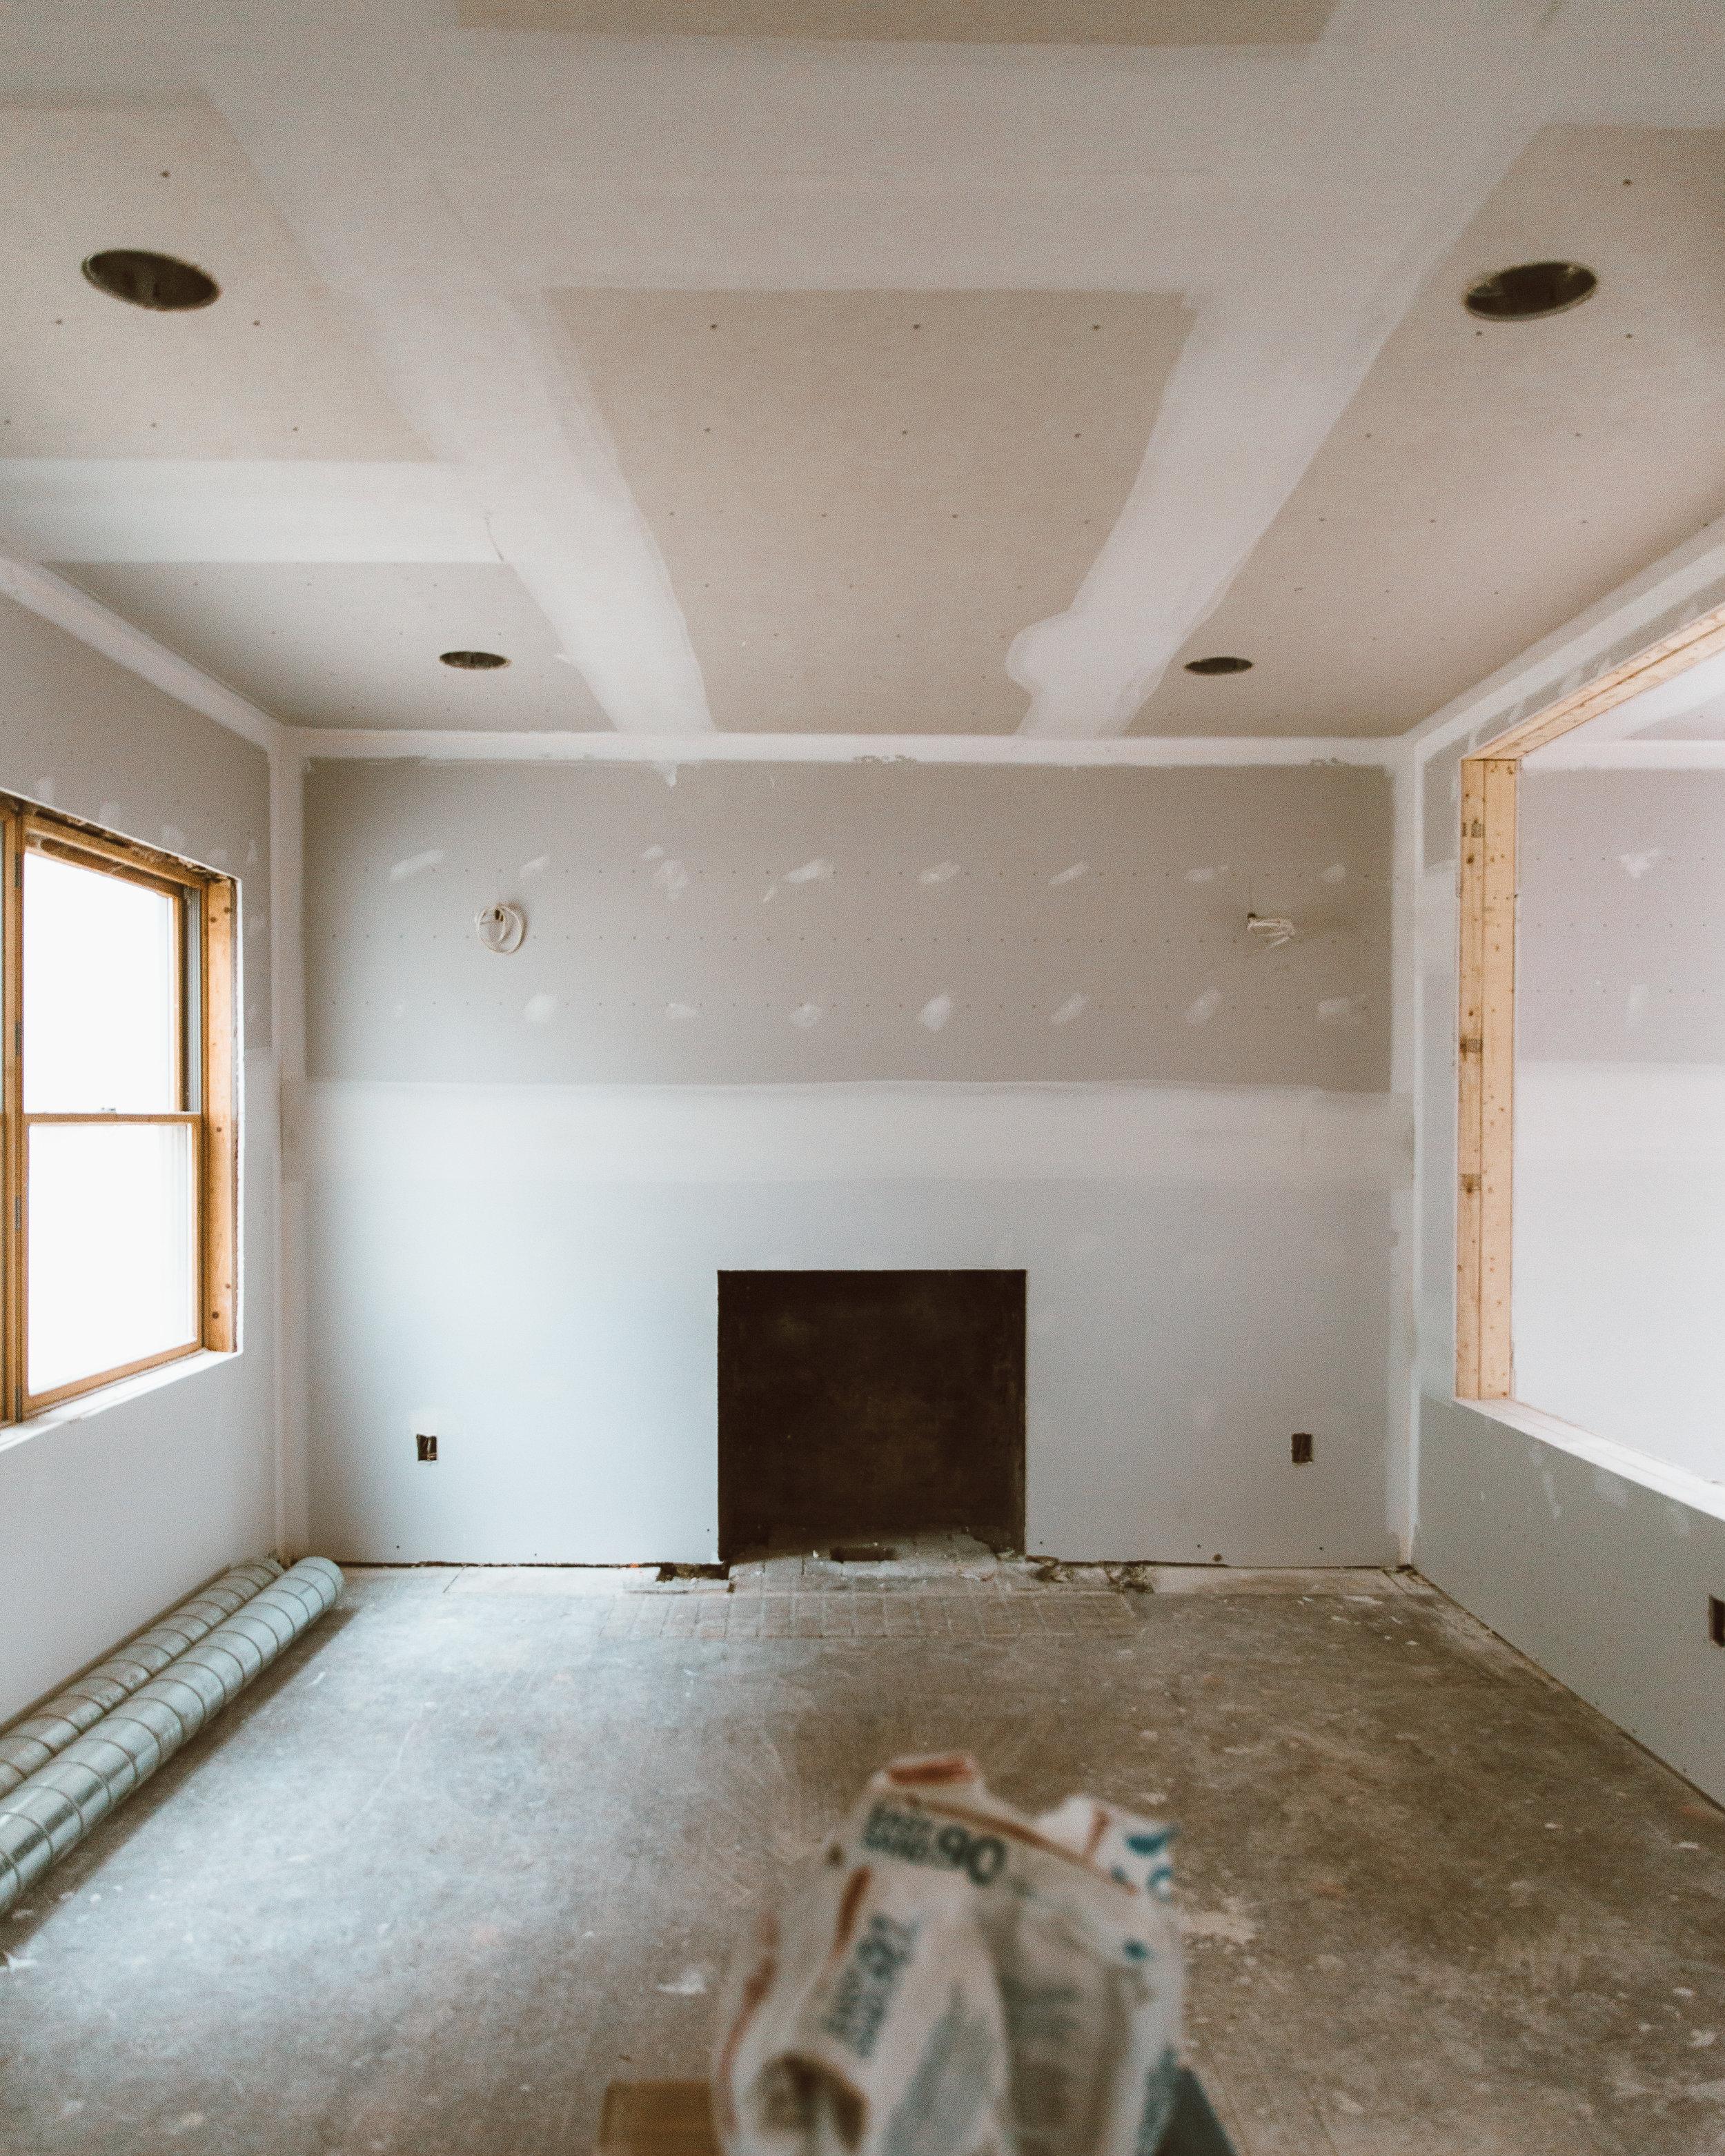 forthehome-renovation-drywall0006.jpeg